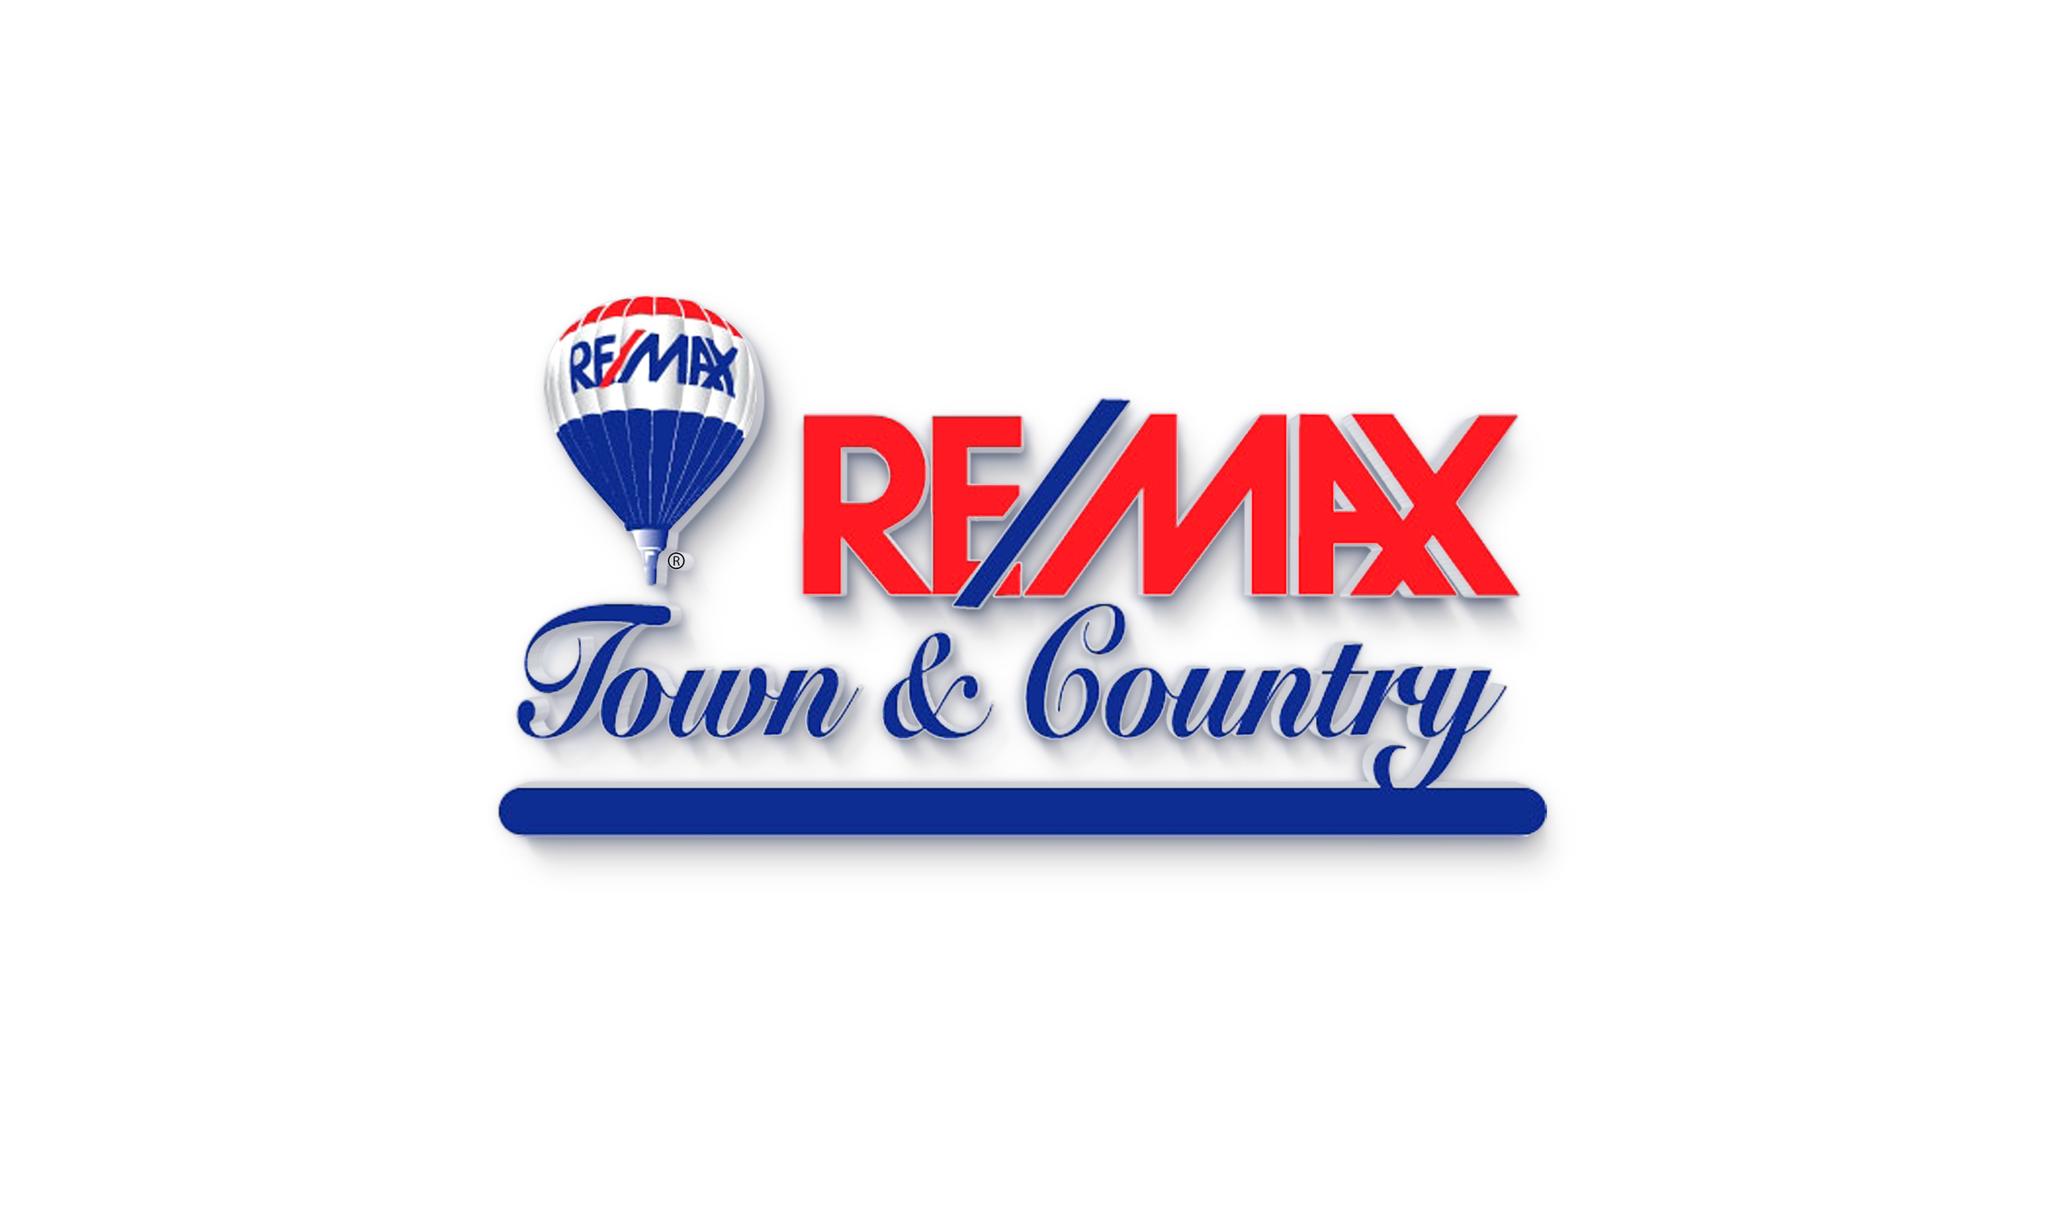 remax tc Mcgrory